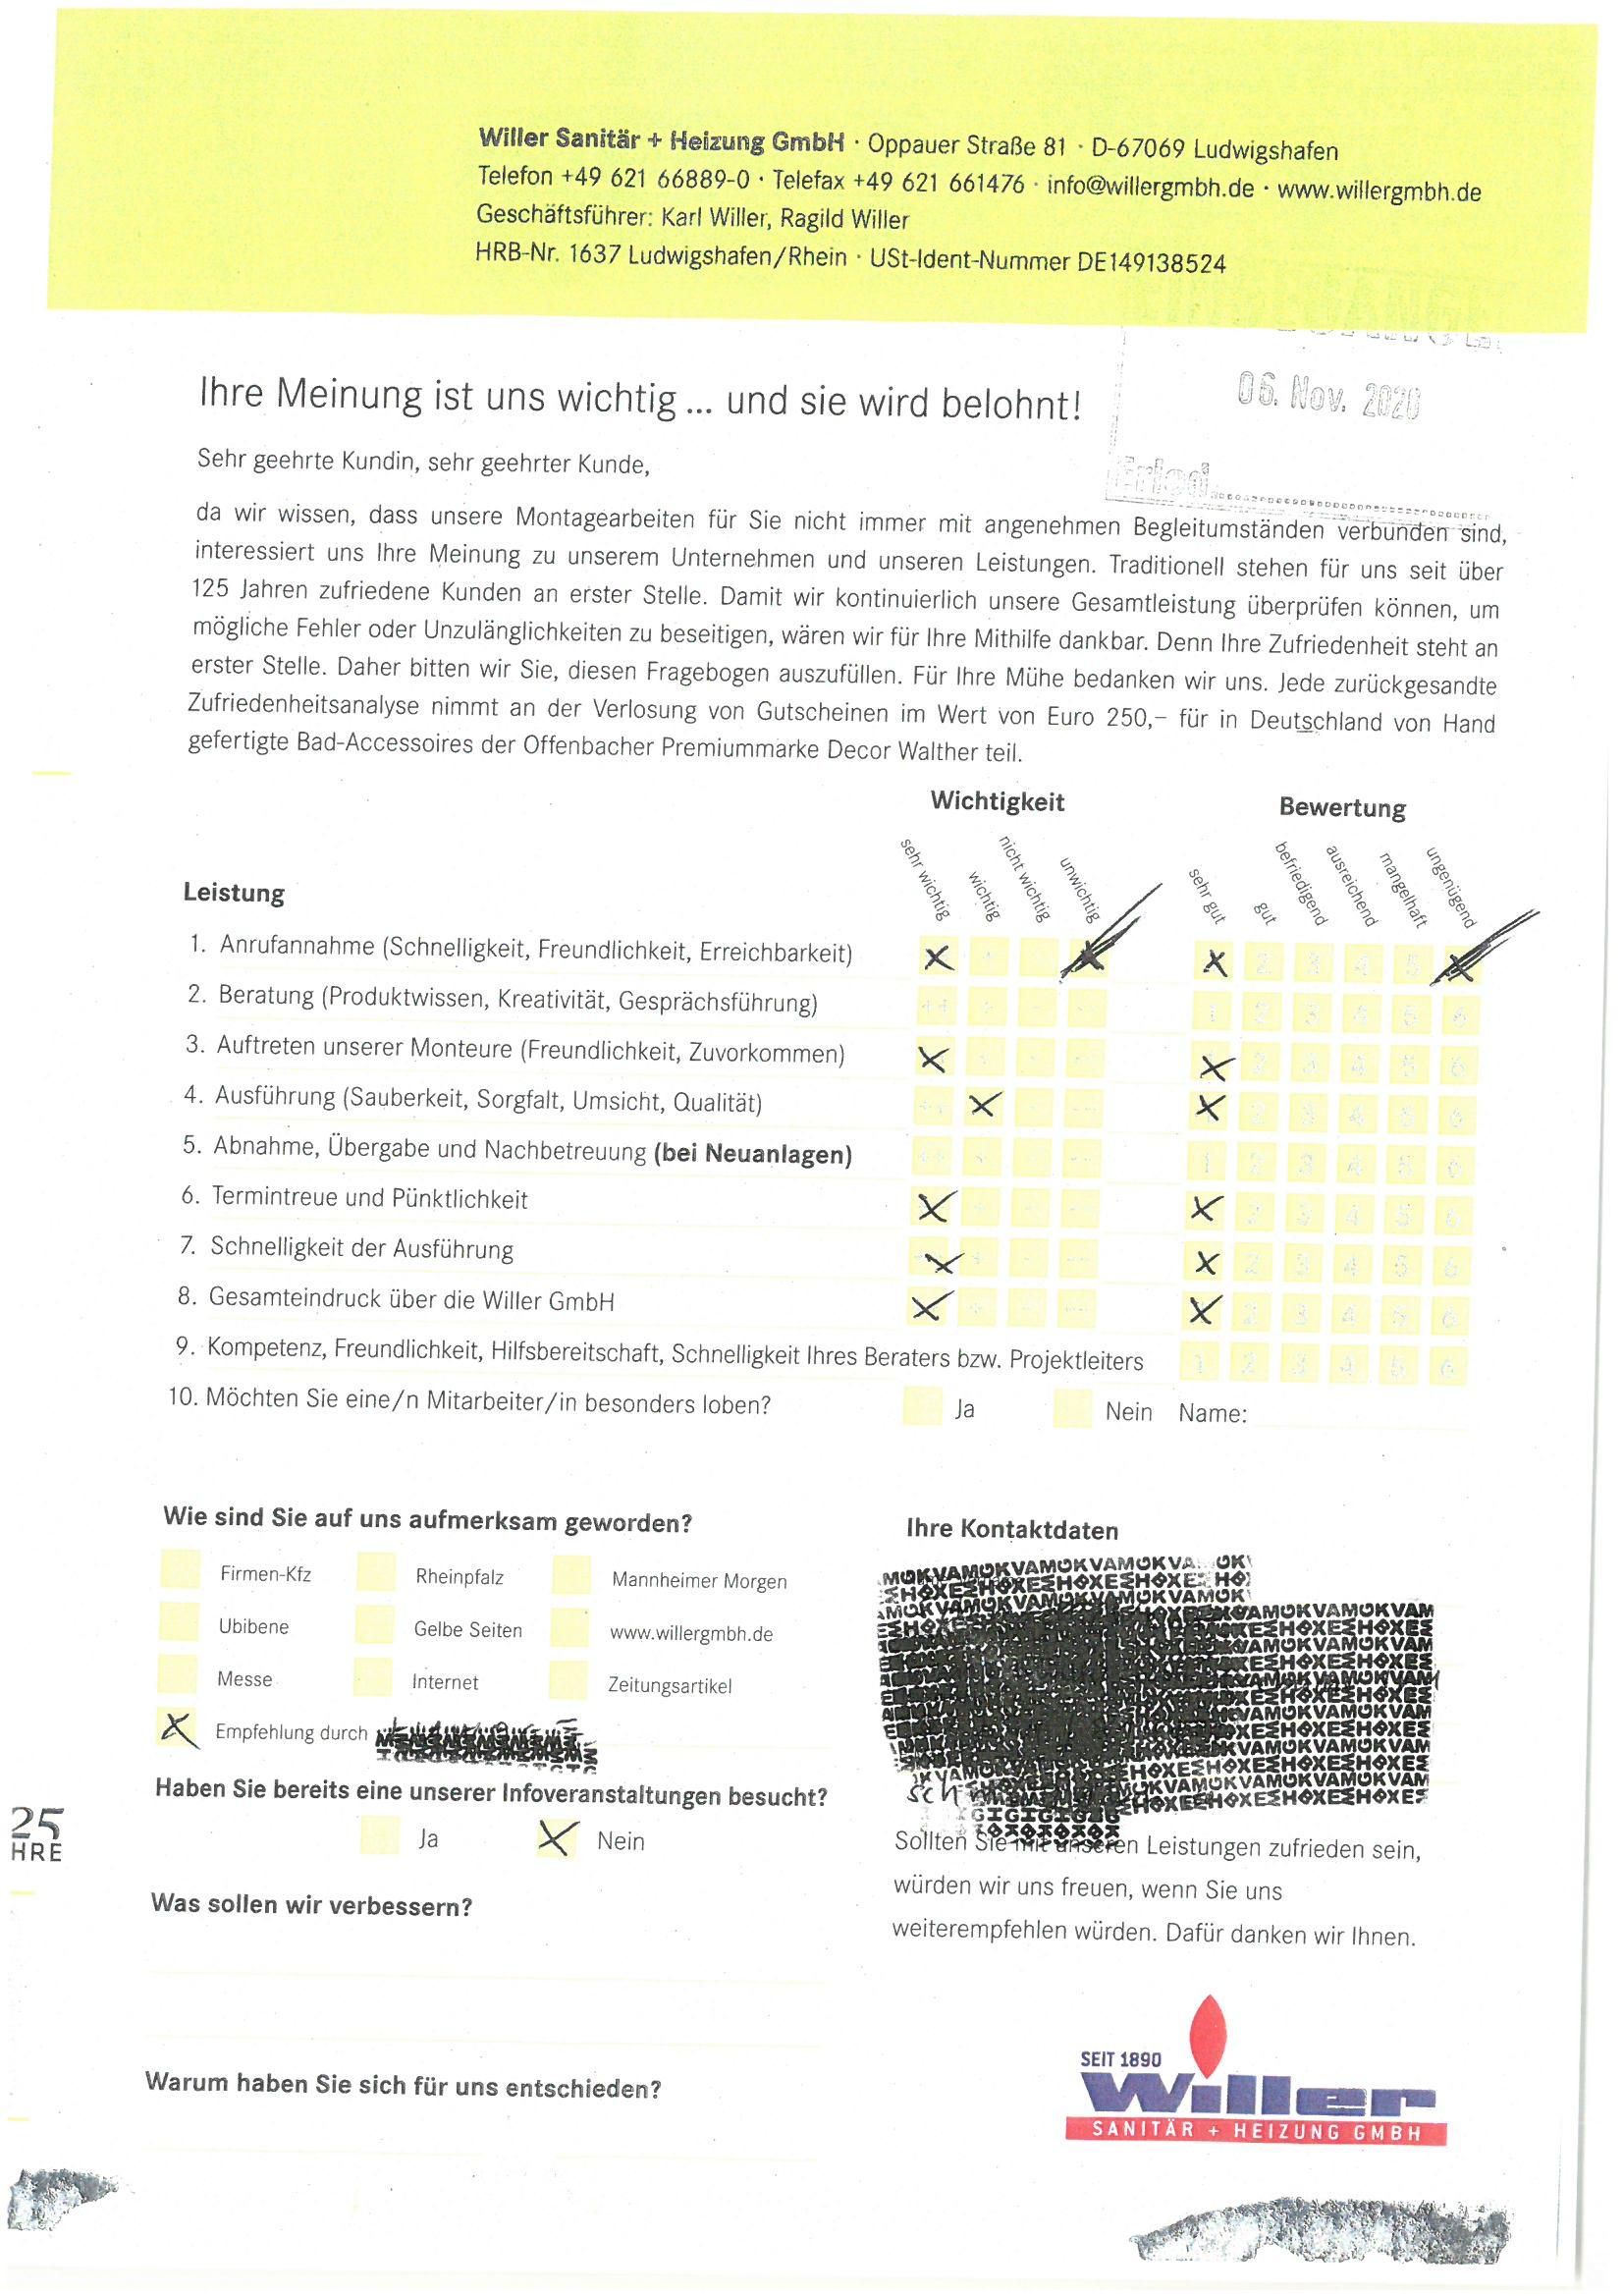 Bewertungen_Willer_Ludwigshafen_2020_ (124)